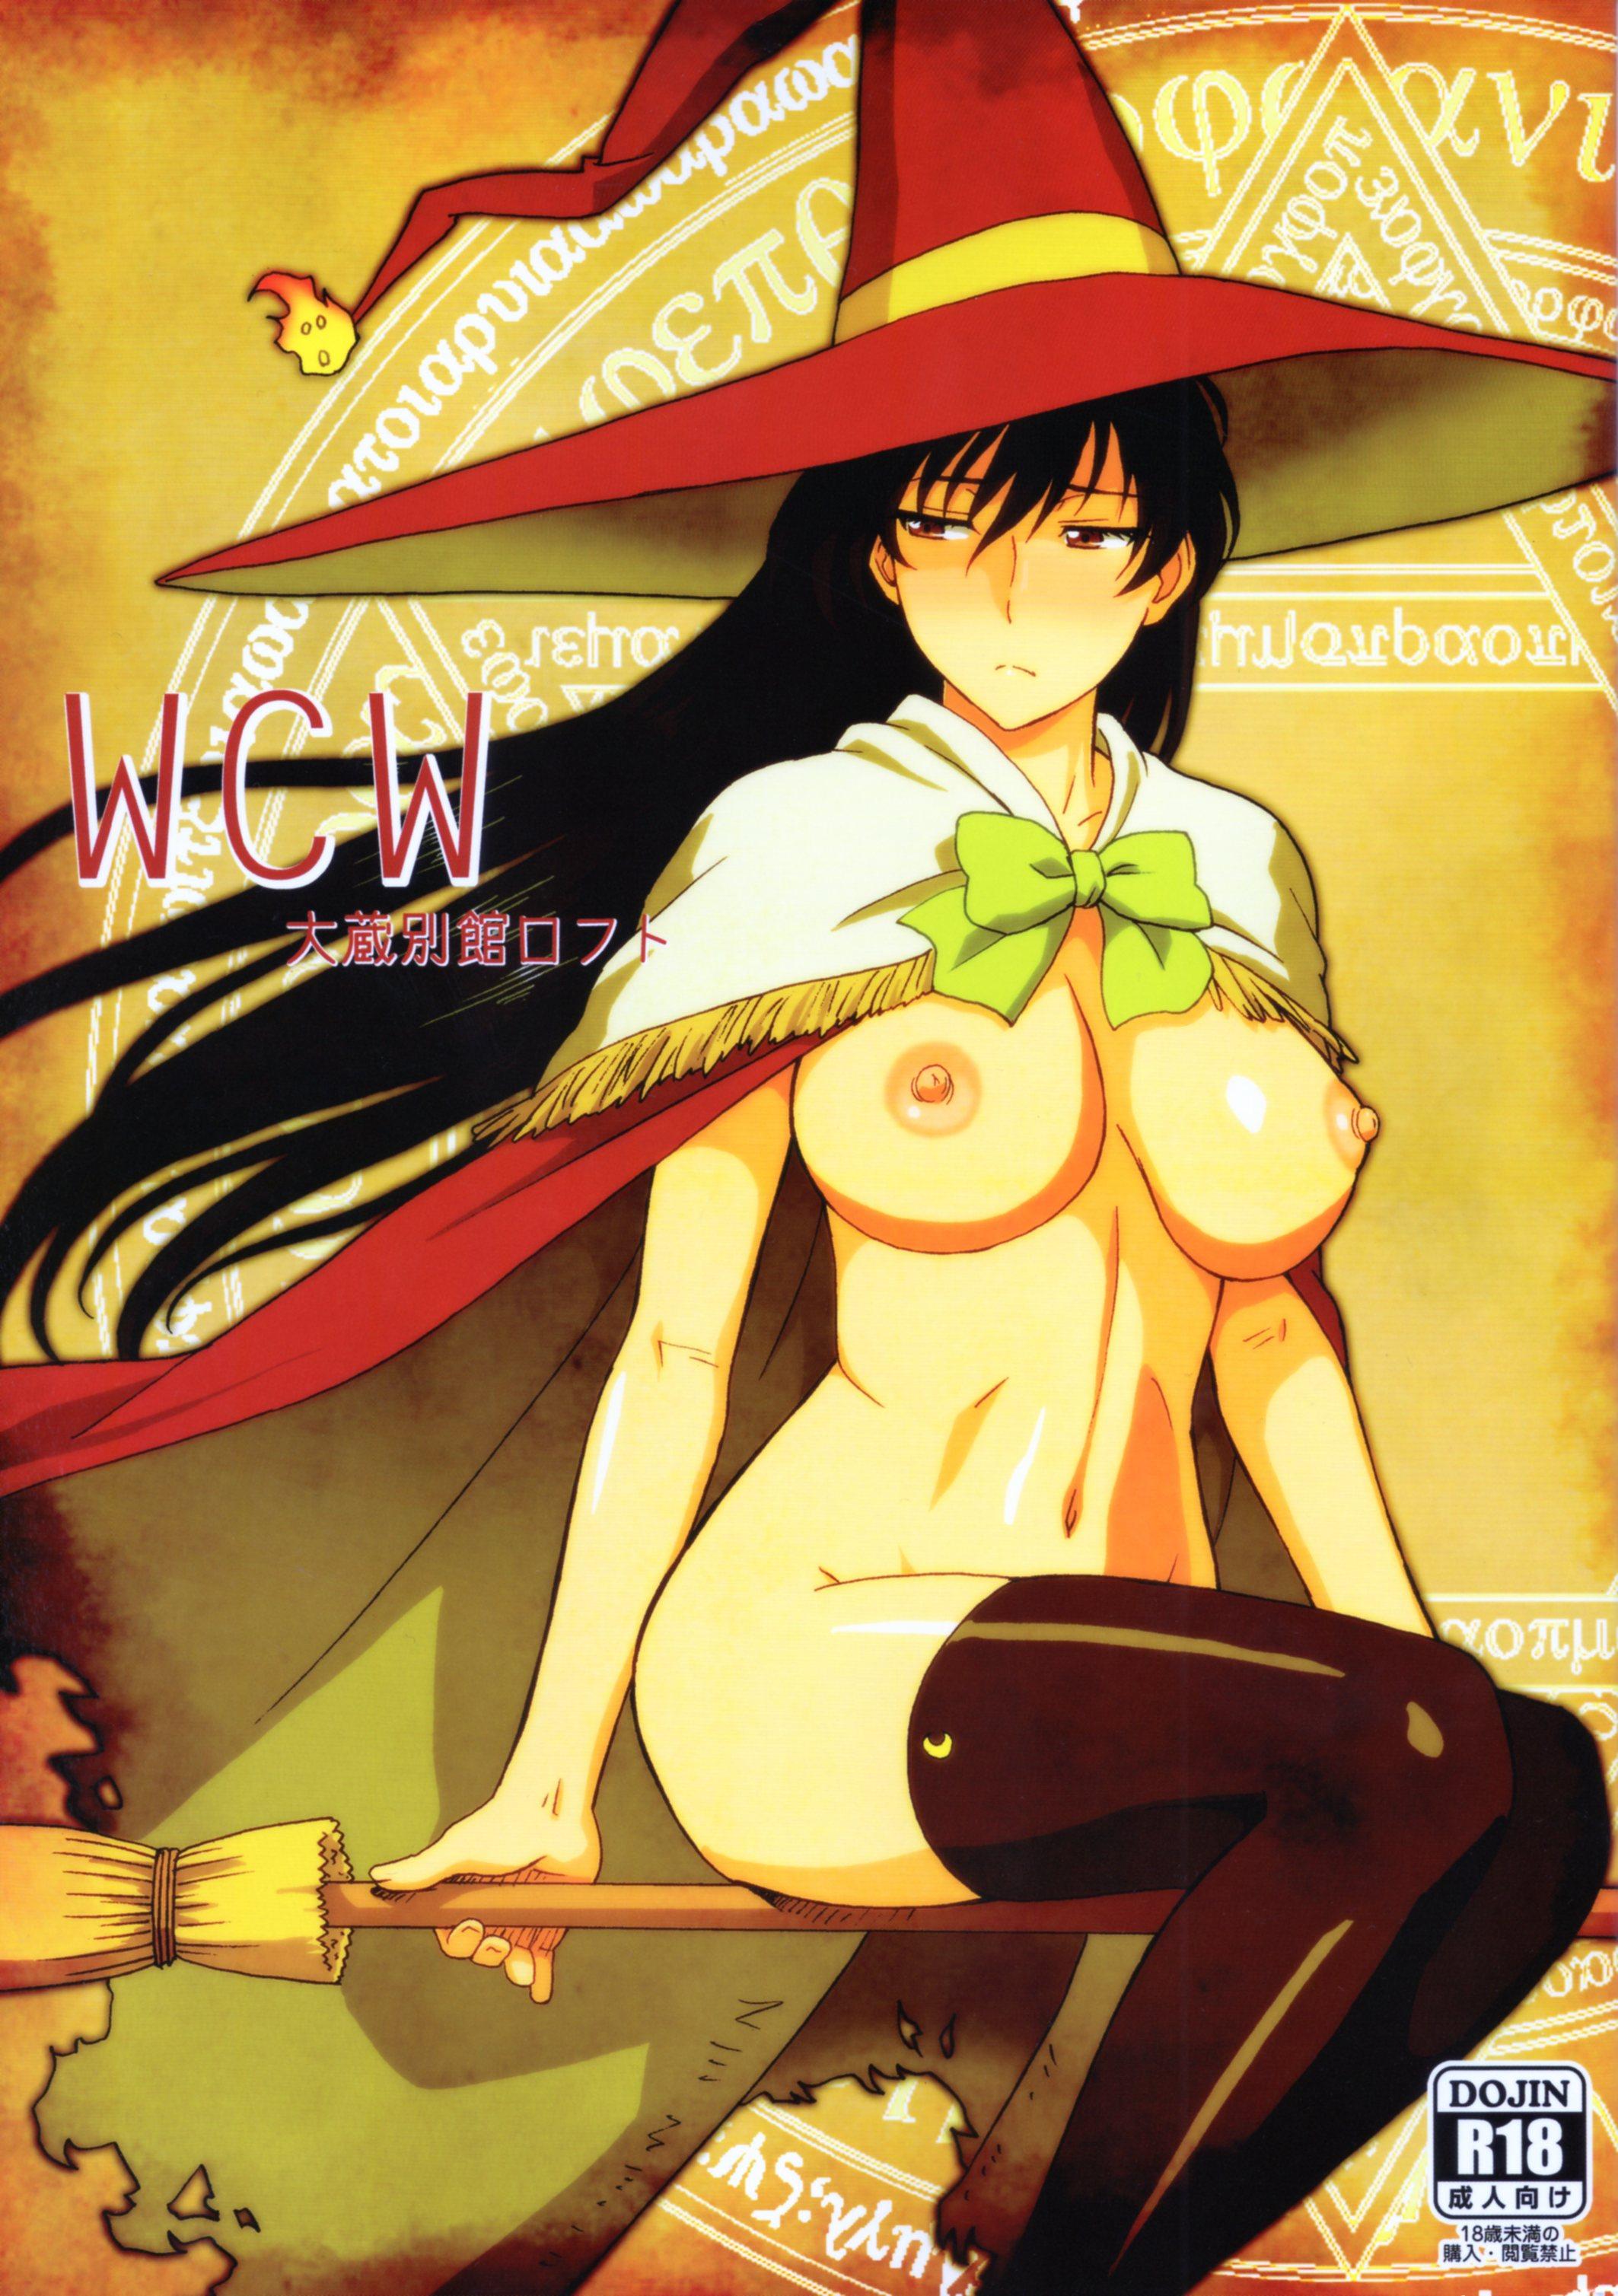 Ohkura Kazuya Wcw Witch Craft Works